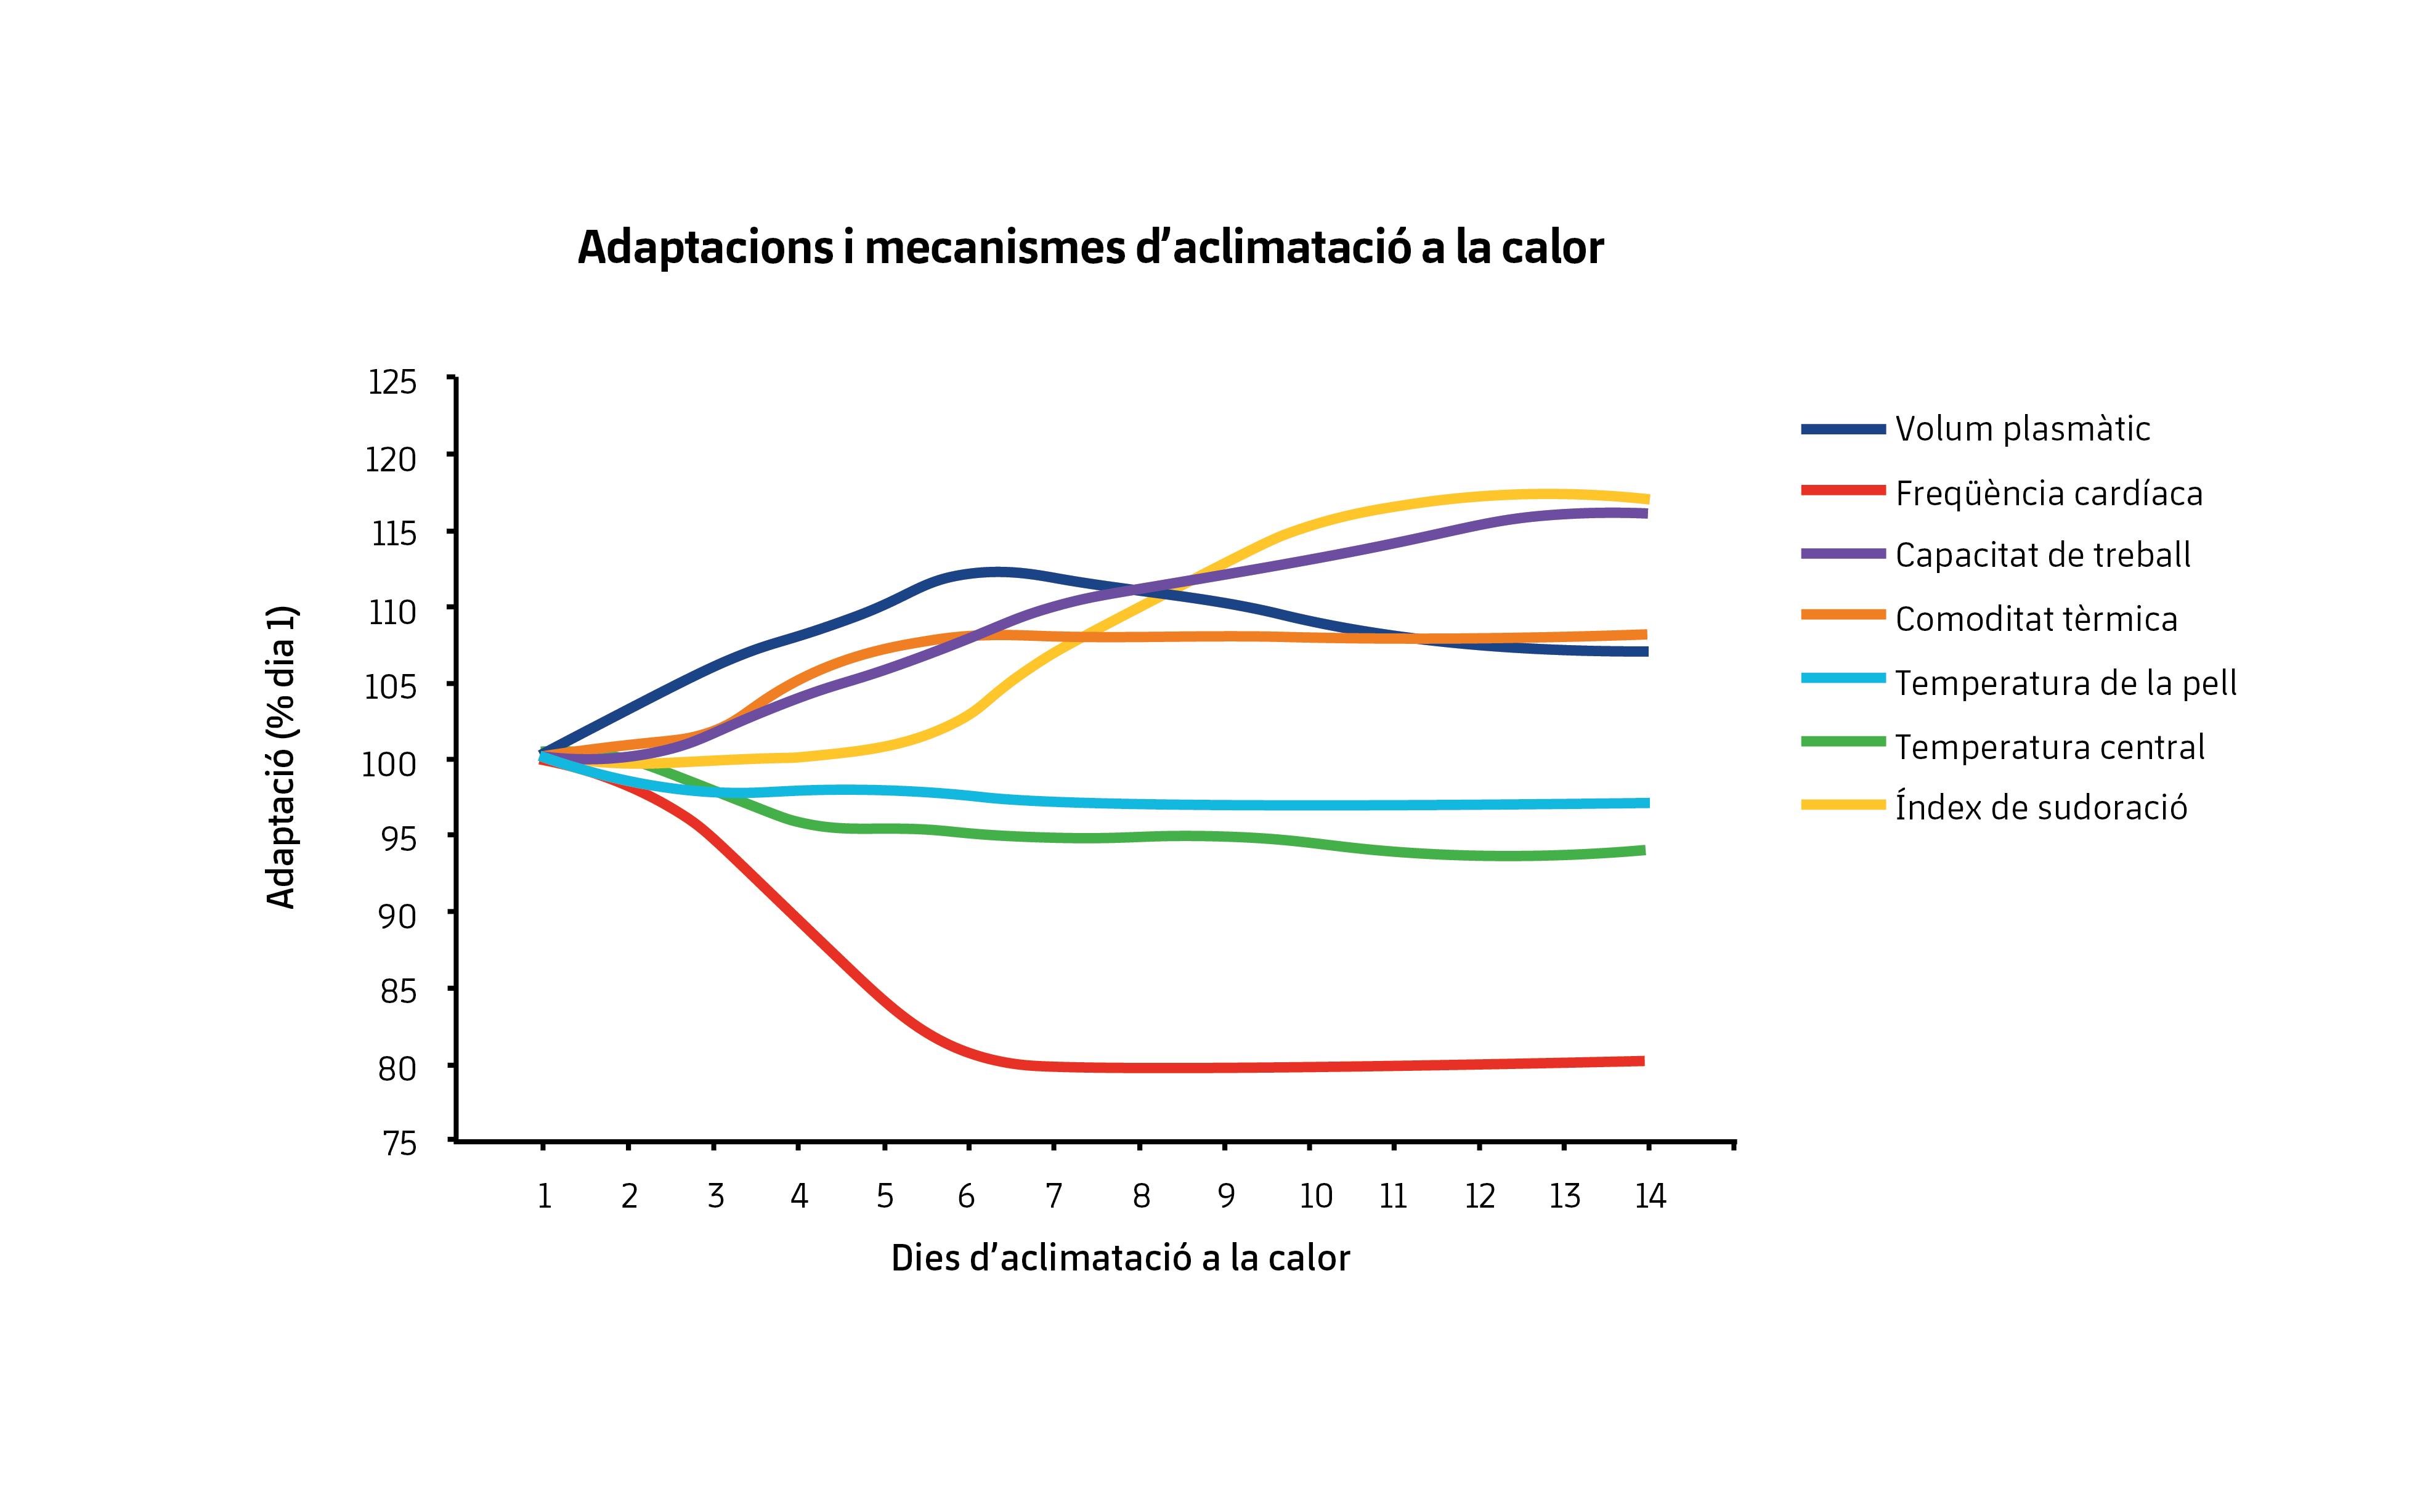 Figura 1. Adaptacions després d'un període d'aclimatació a la calor. Modificat de Périard et al. (2015).